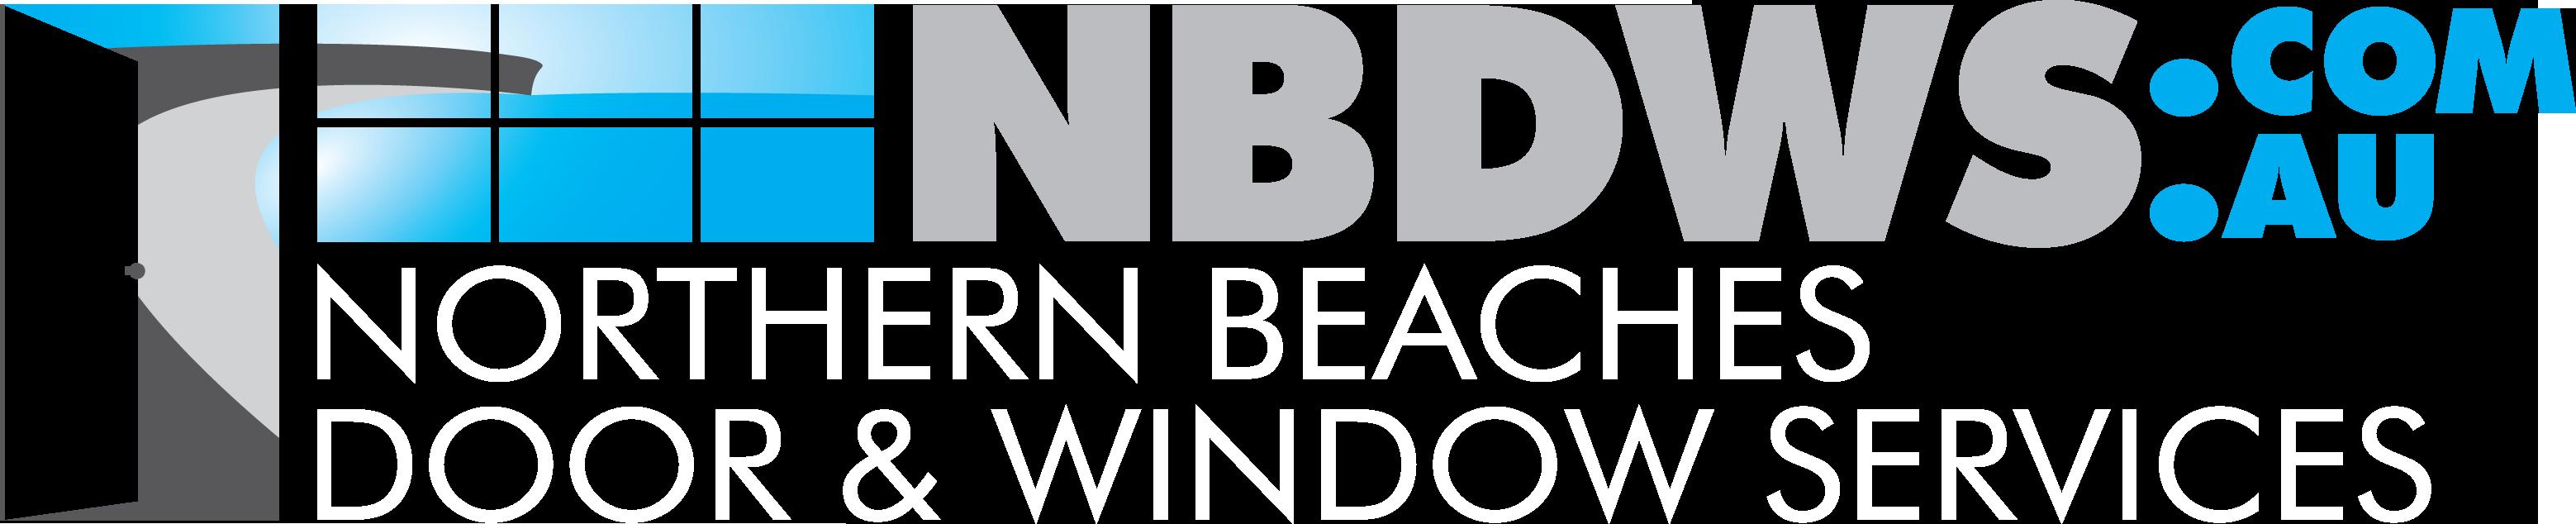 nbdws.com.au